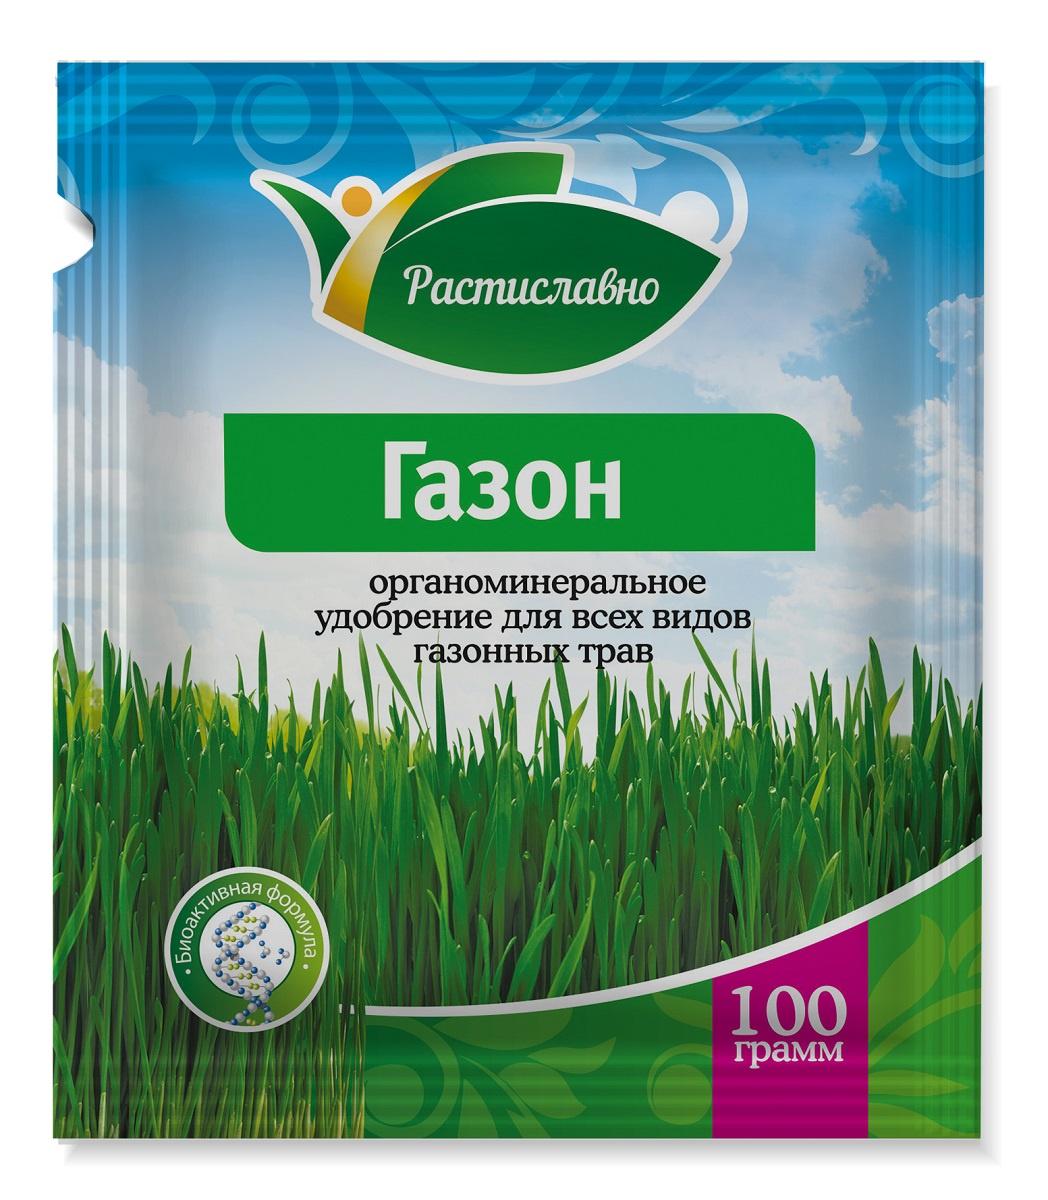 Удобрение Растиславно Органоминеральное Газон 100г, серый цена 2017